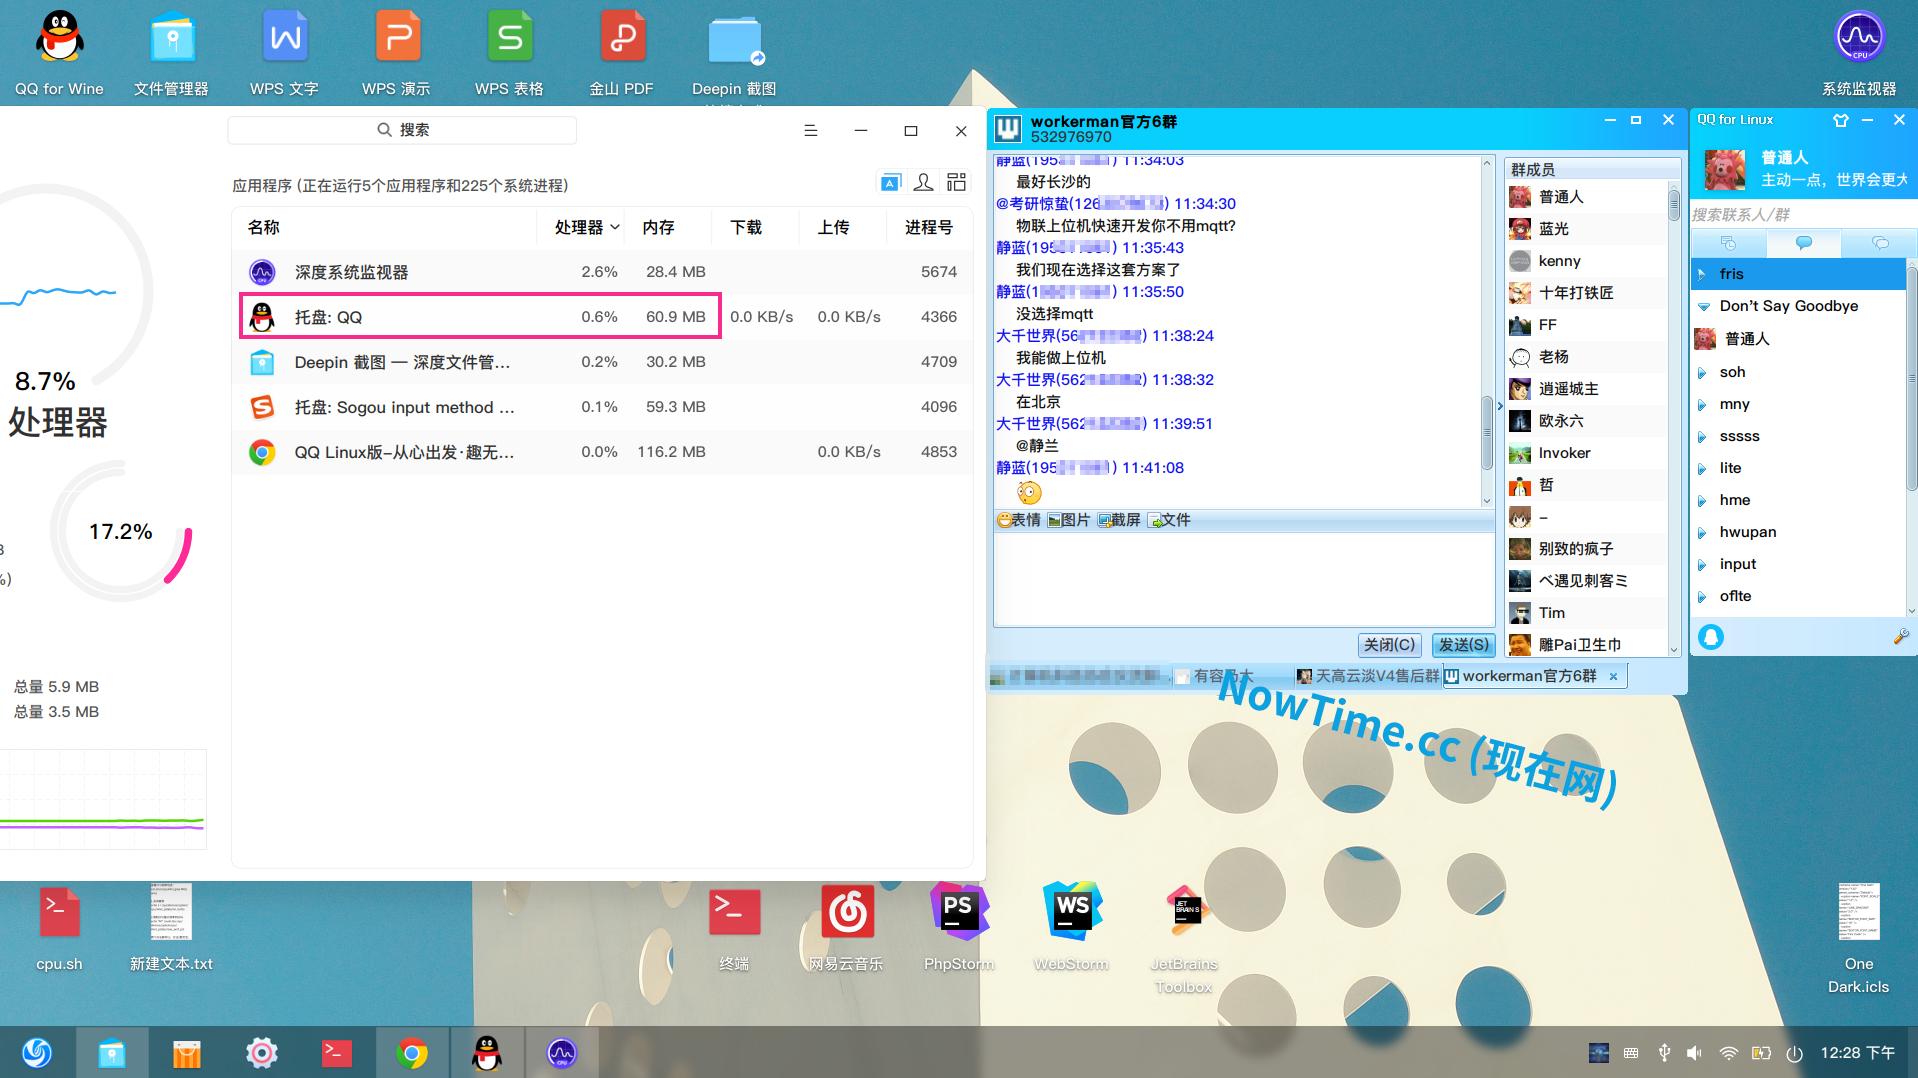 QQ Linux CPU 内存占用情况